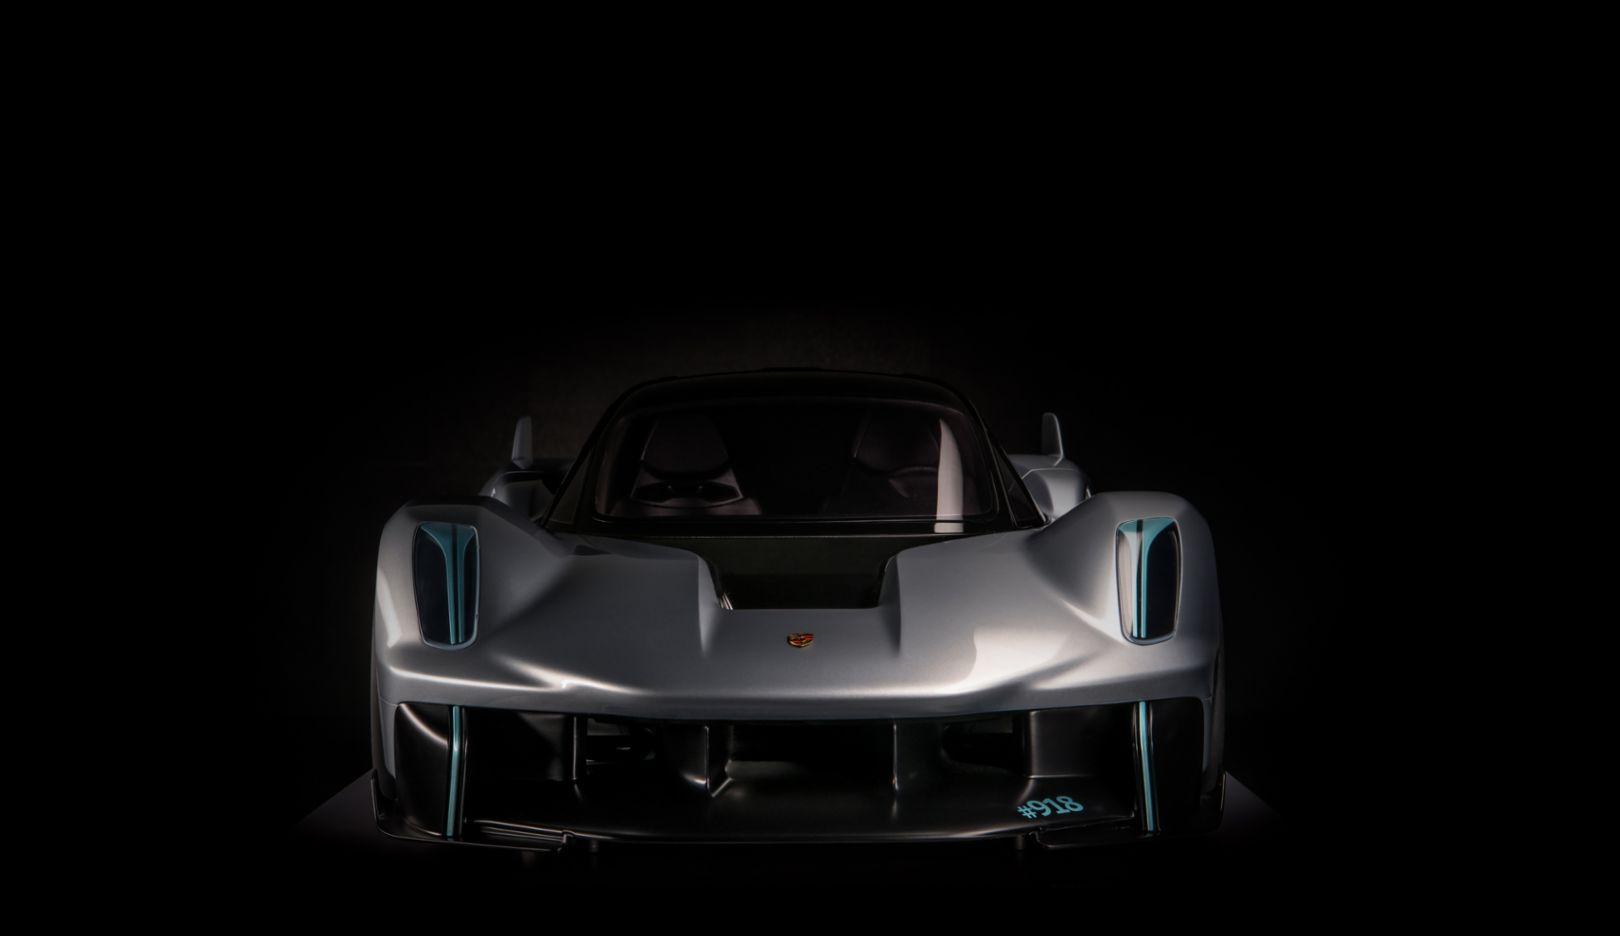 Porsche Unseen: Hypercars - Image 7